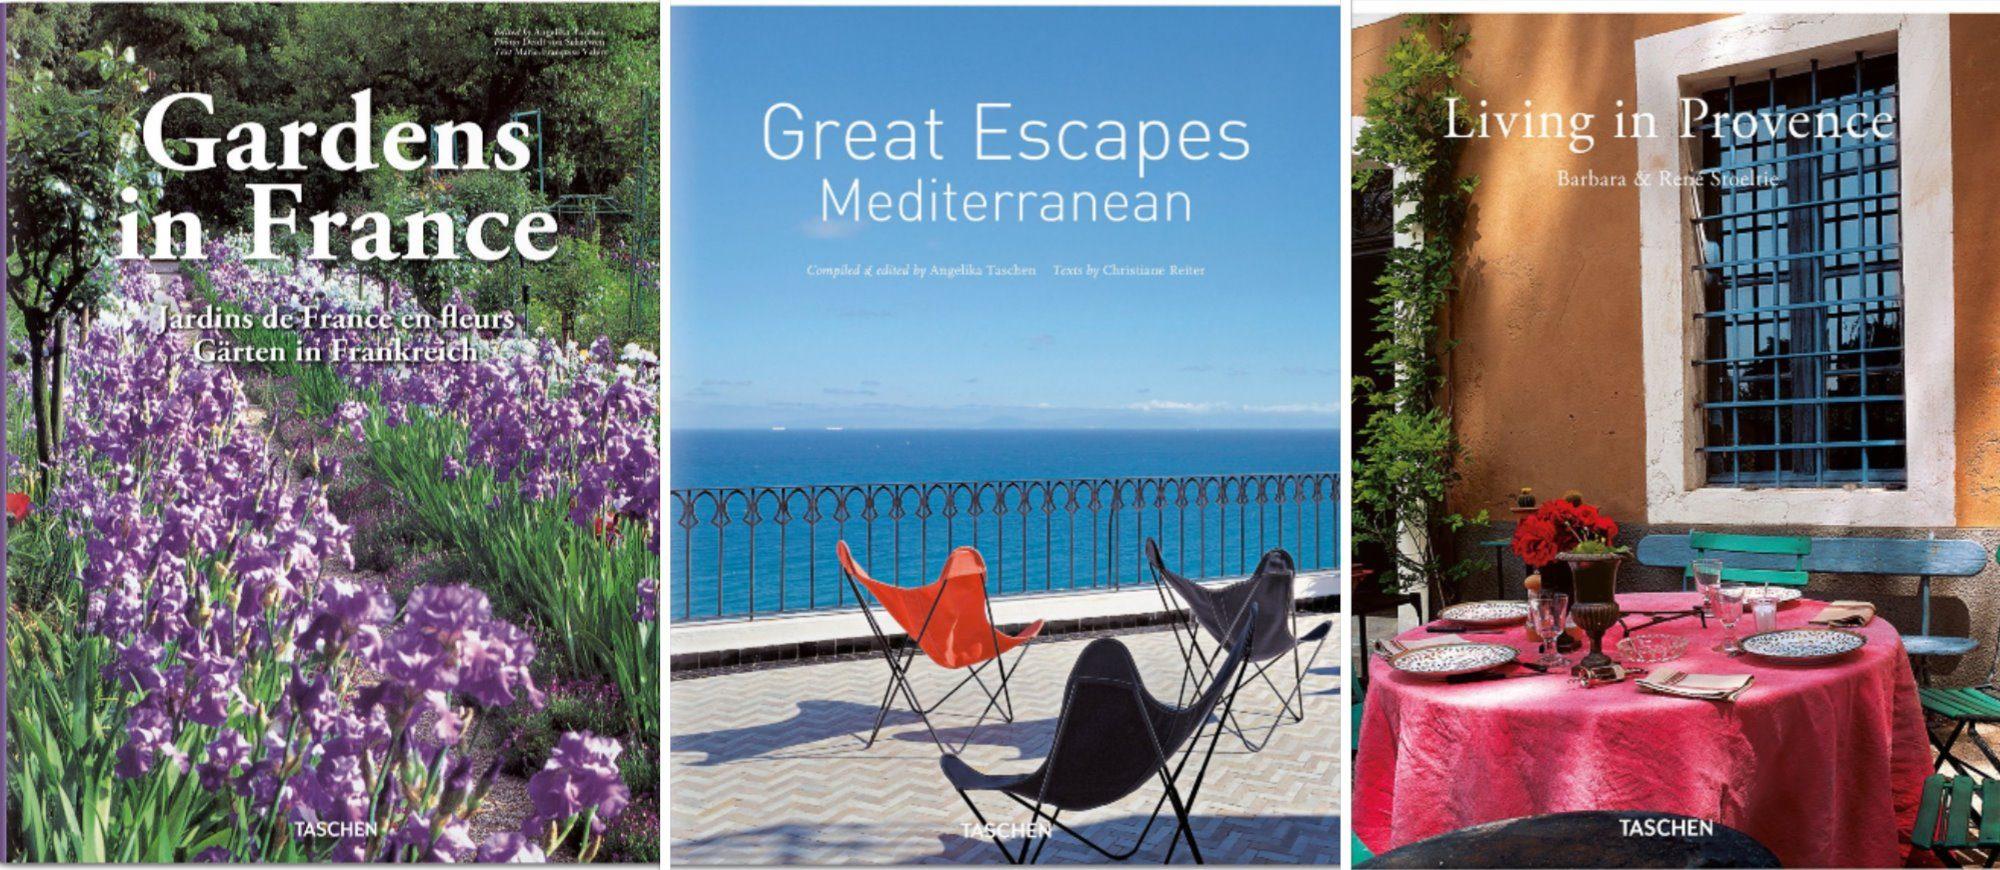 444f172fd7bee Taschen Books - St Tropez Luxury